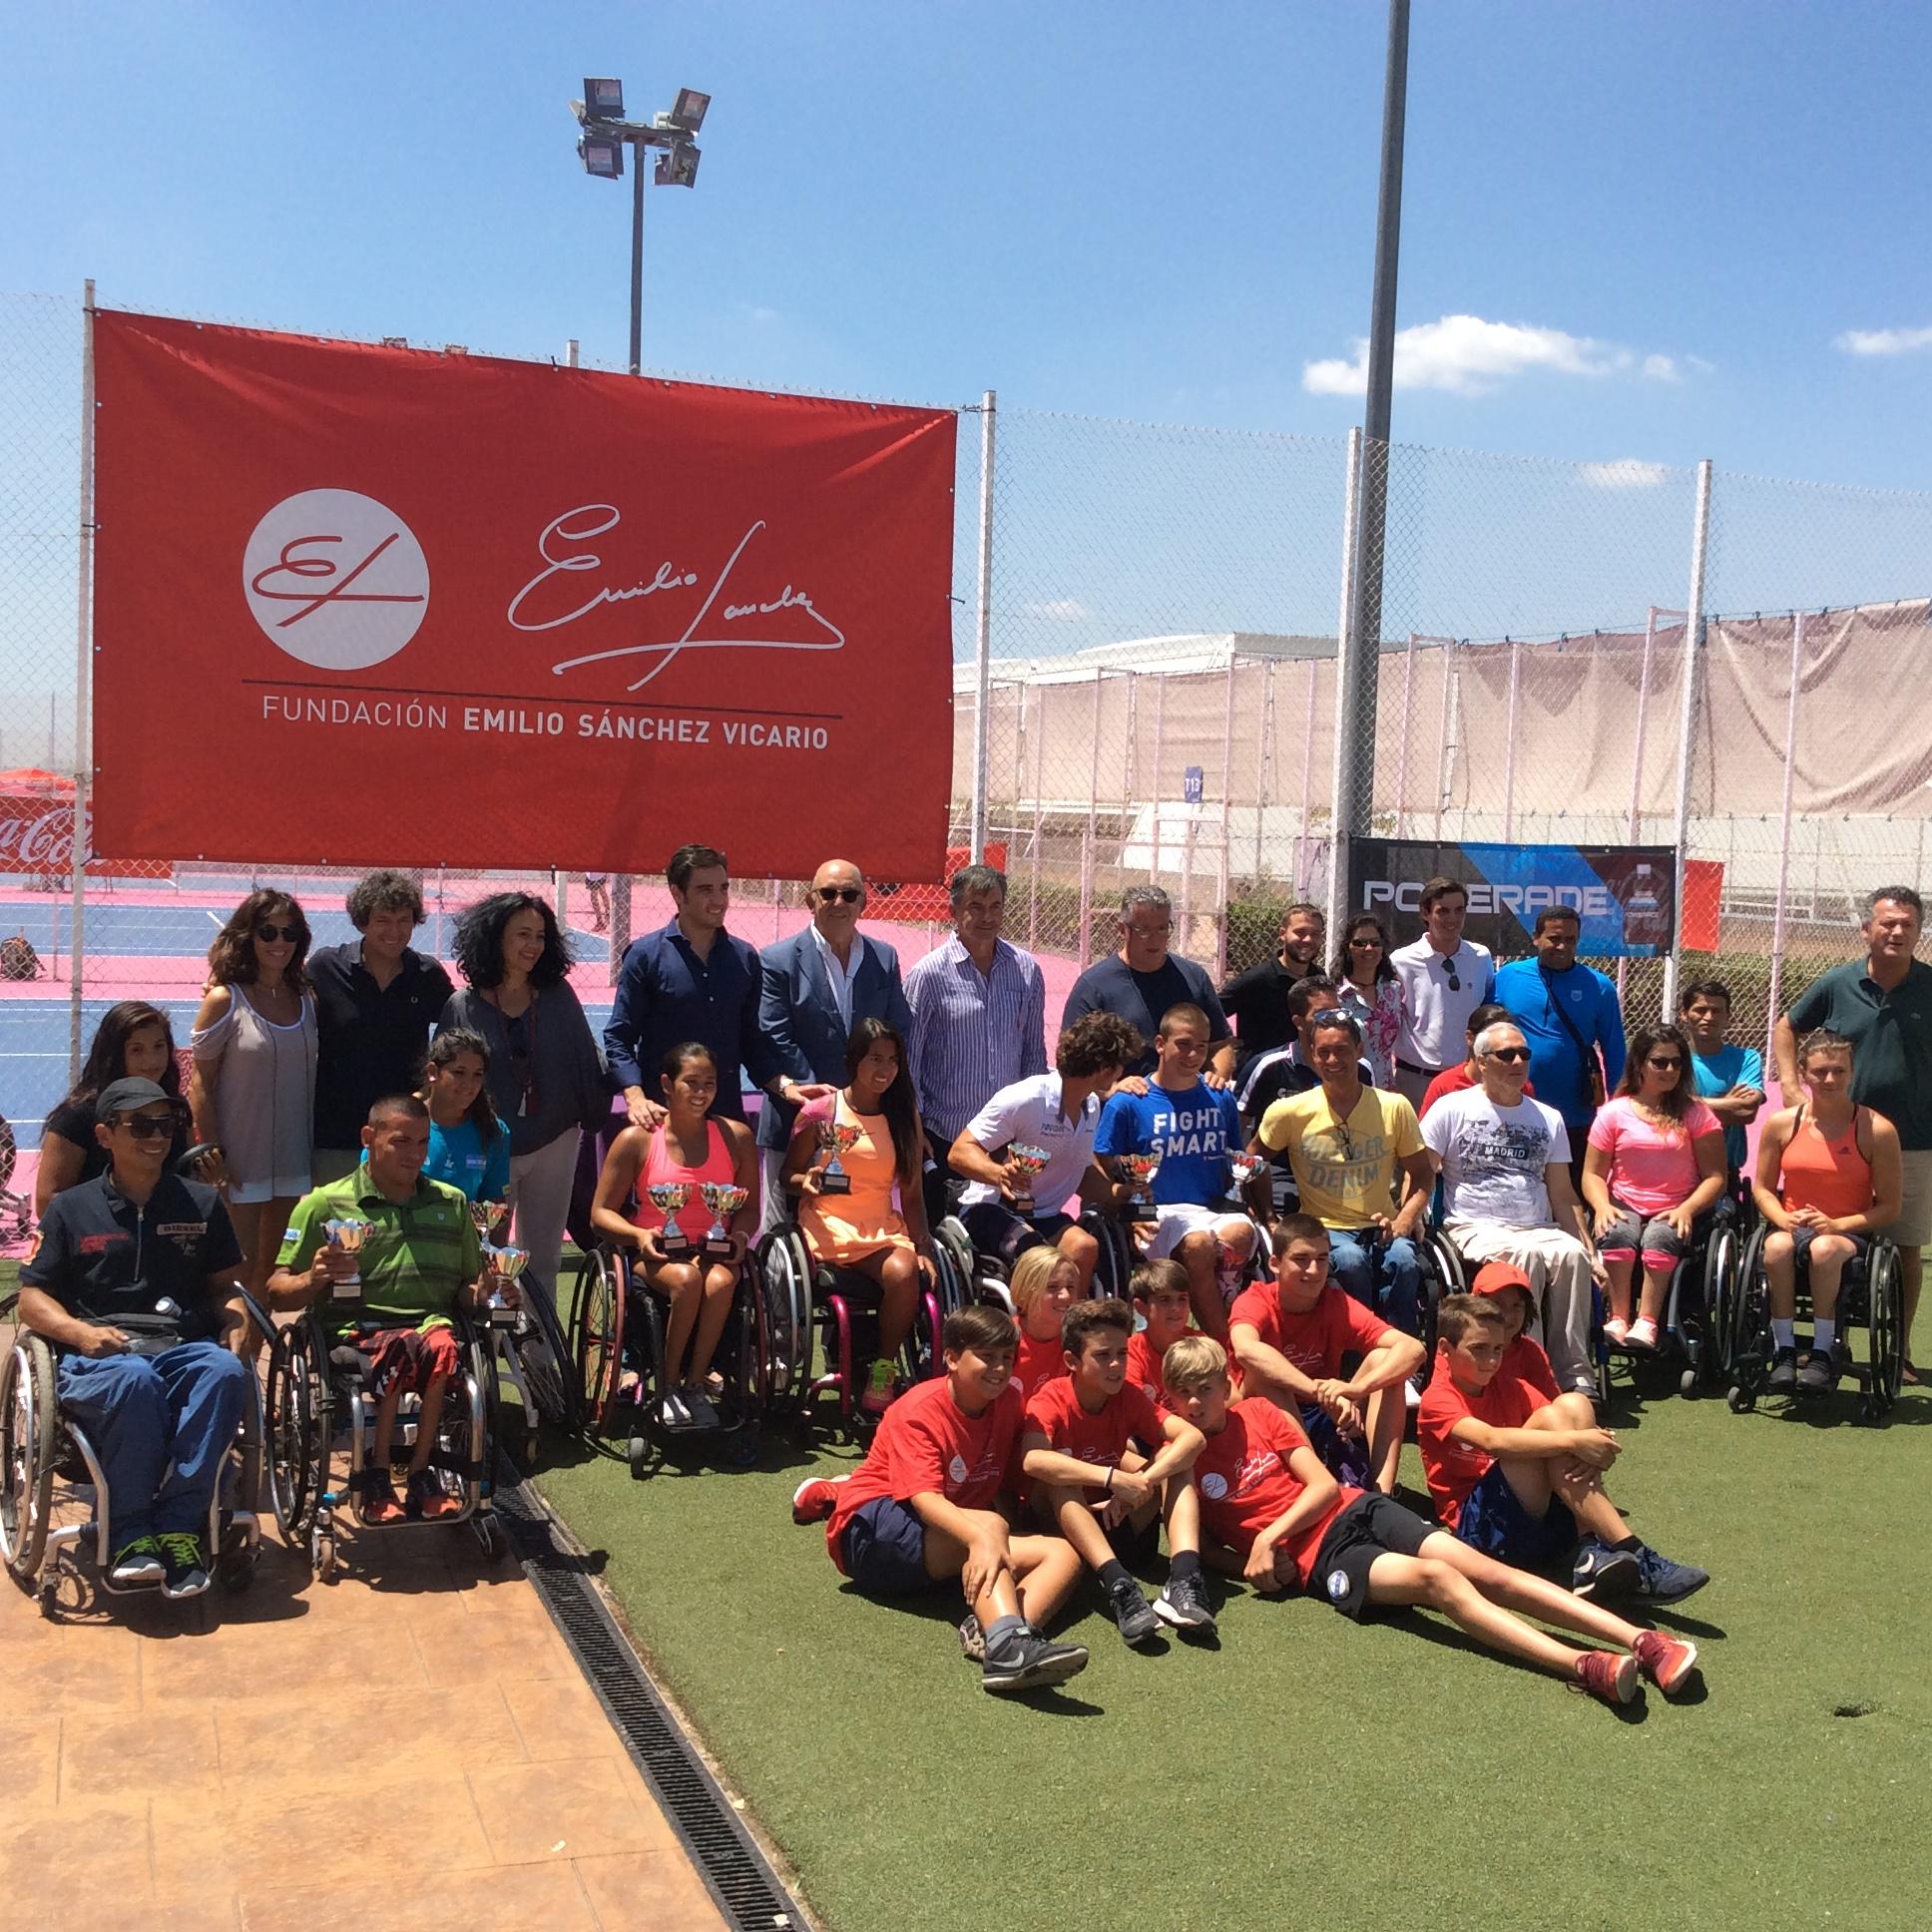 Image for VII ITF Wheelchair Fundación Emilio Sánchez Vicario en La Ciudad de la Raqueta, Madrid.